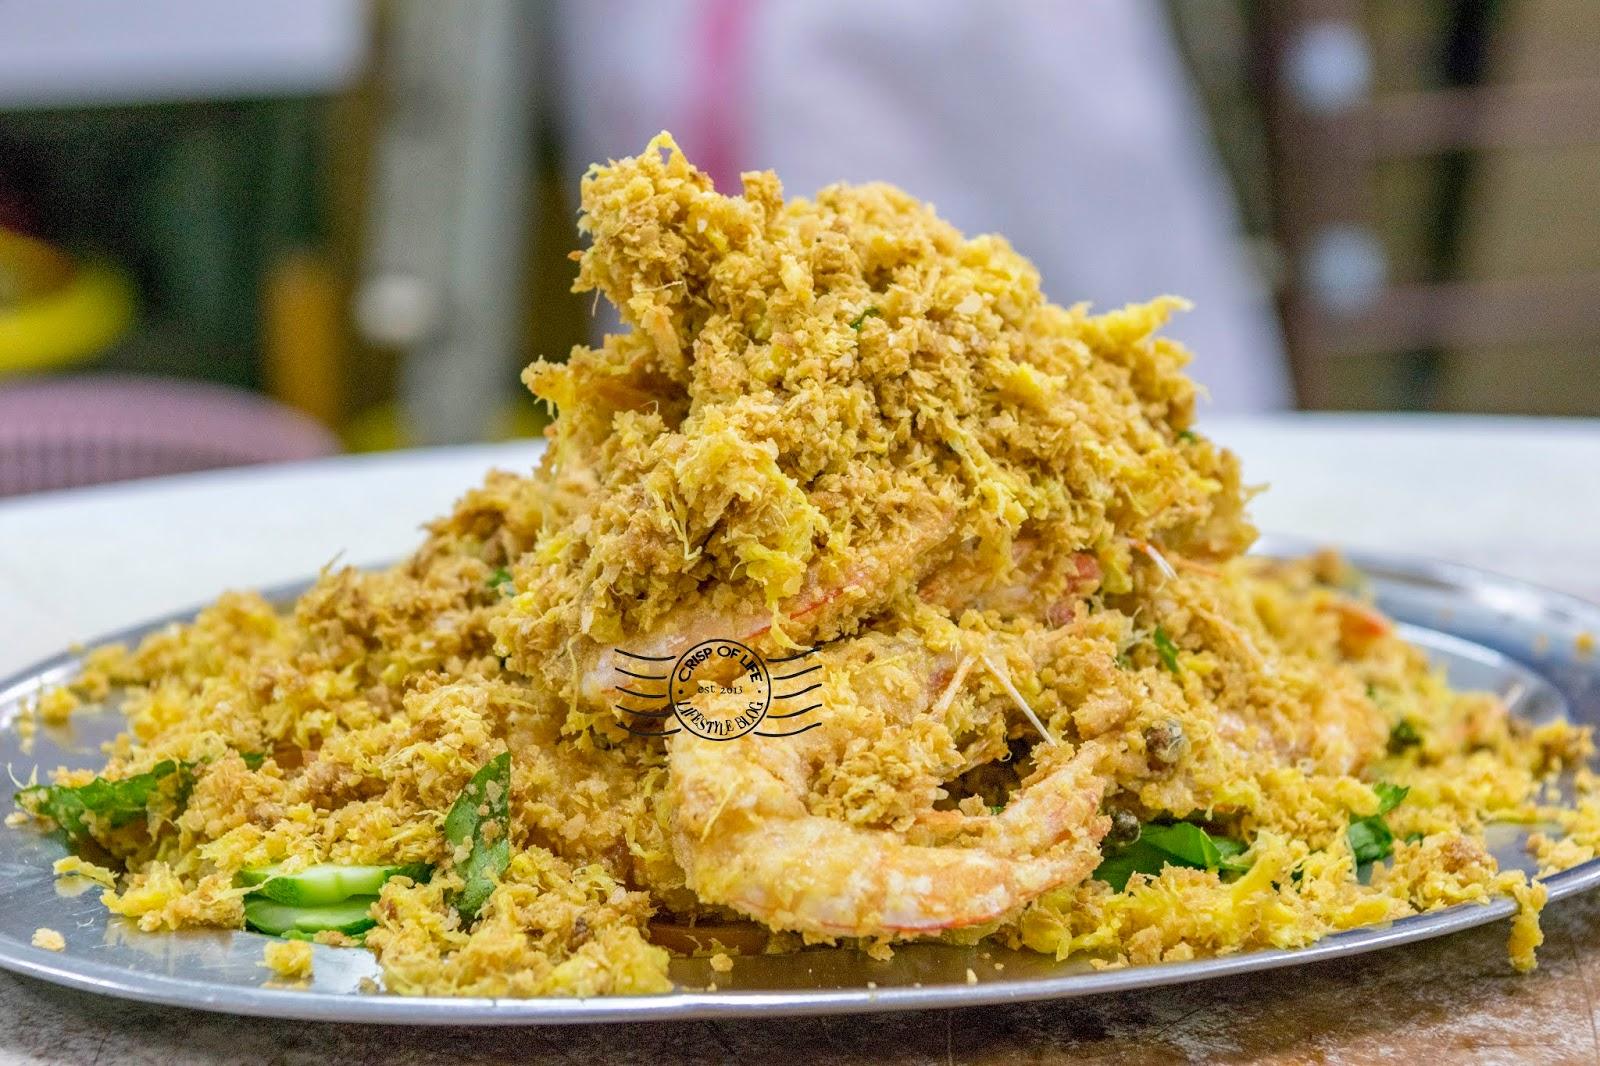 Restaurant Botston Baru 伸波士顿餐室 at Klang, Selangor